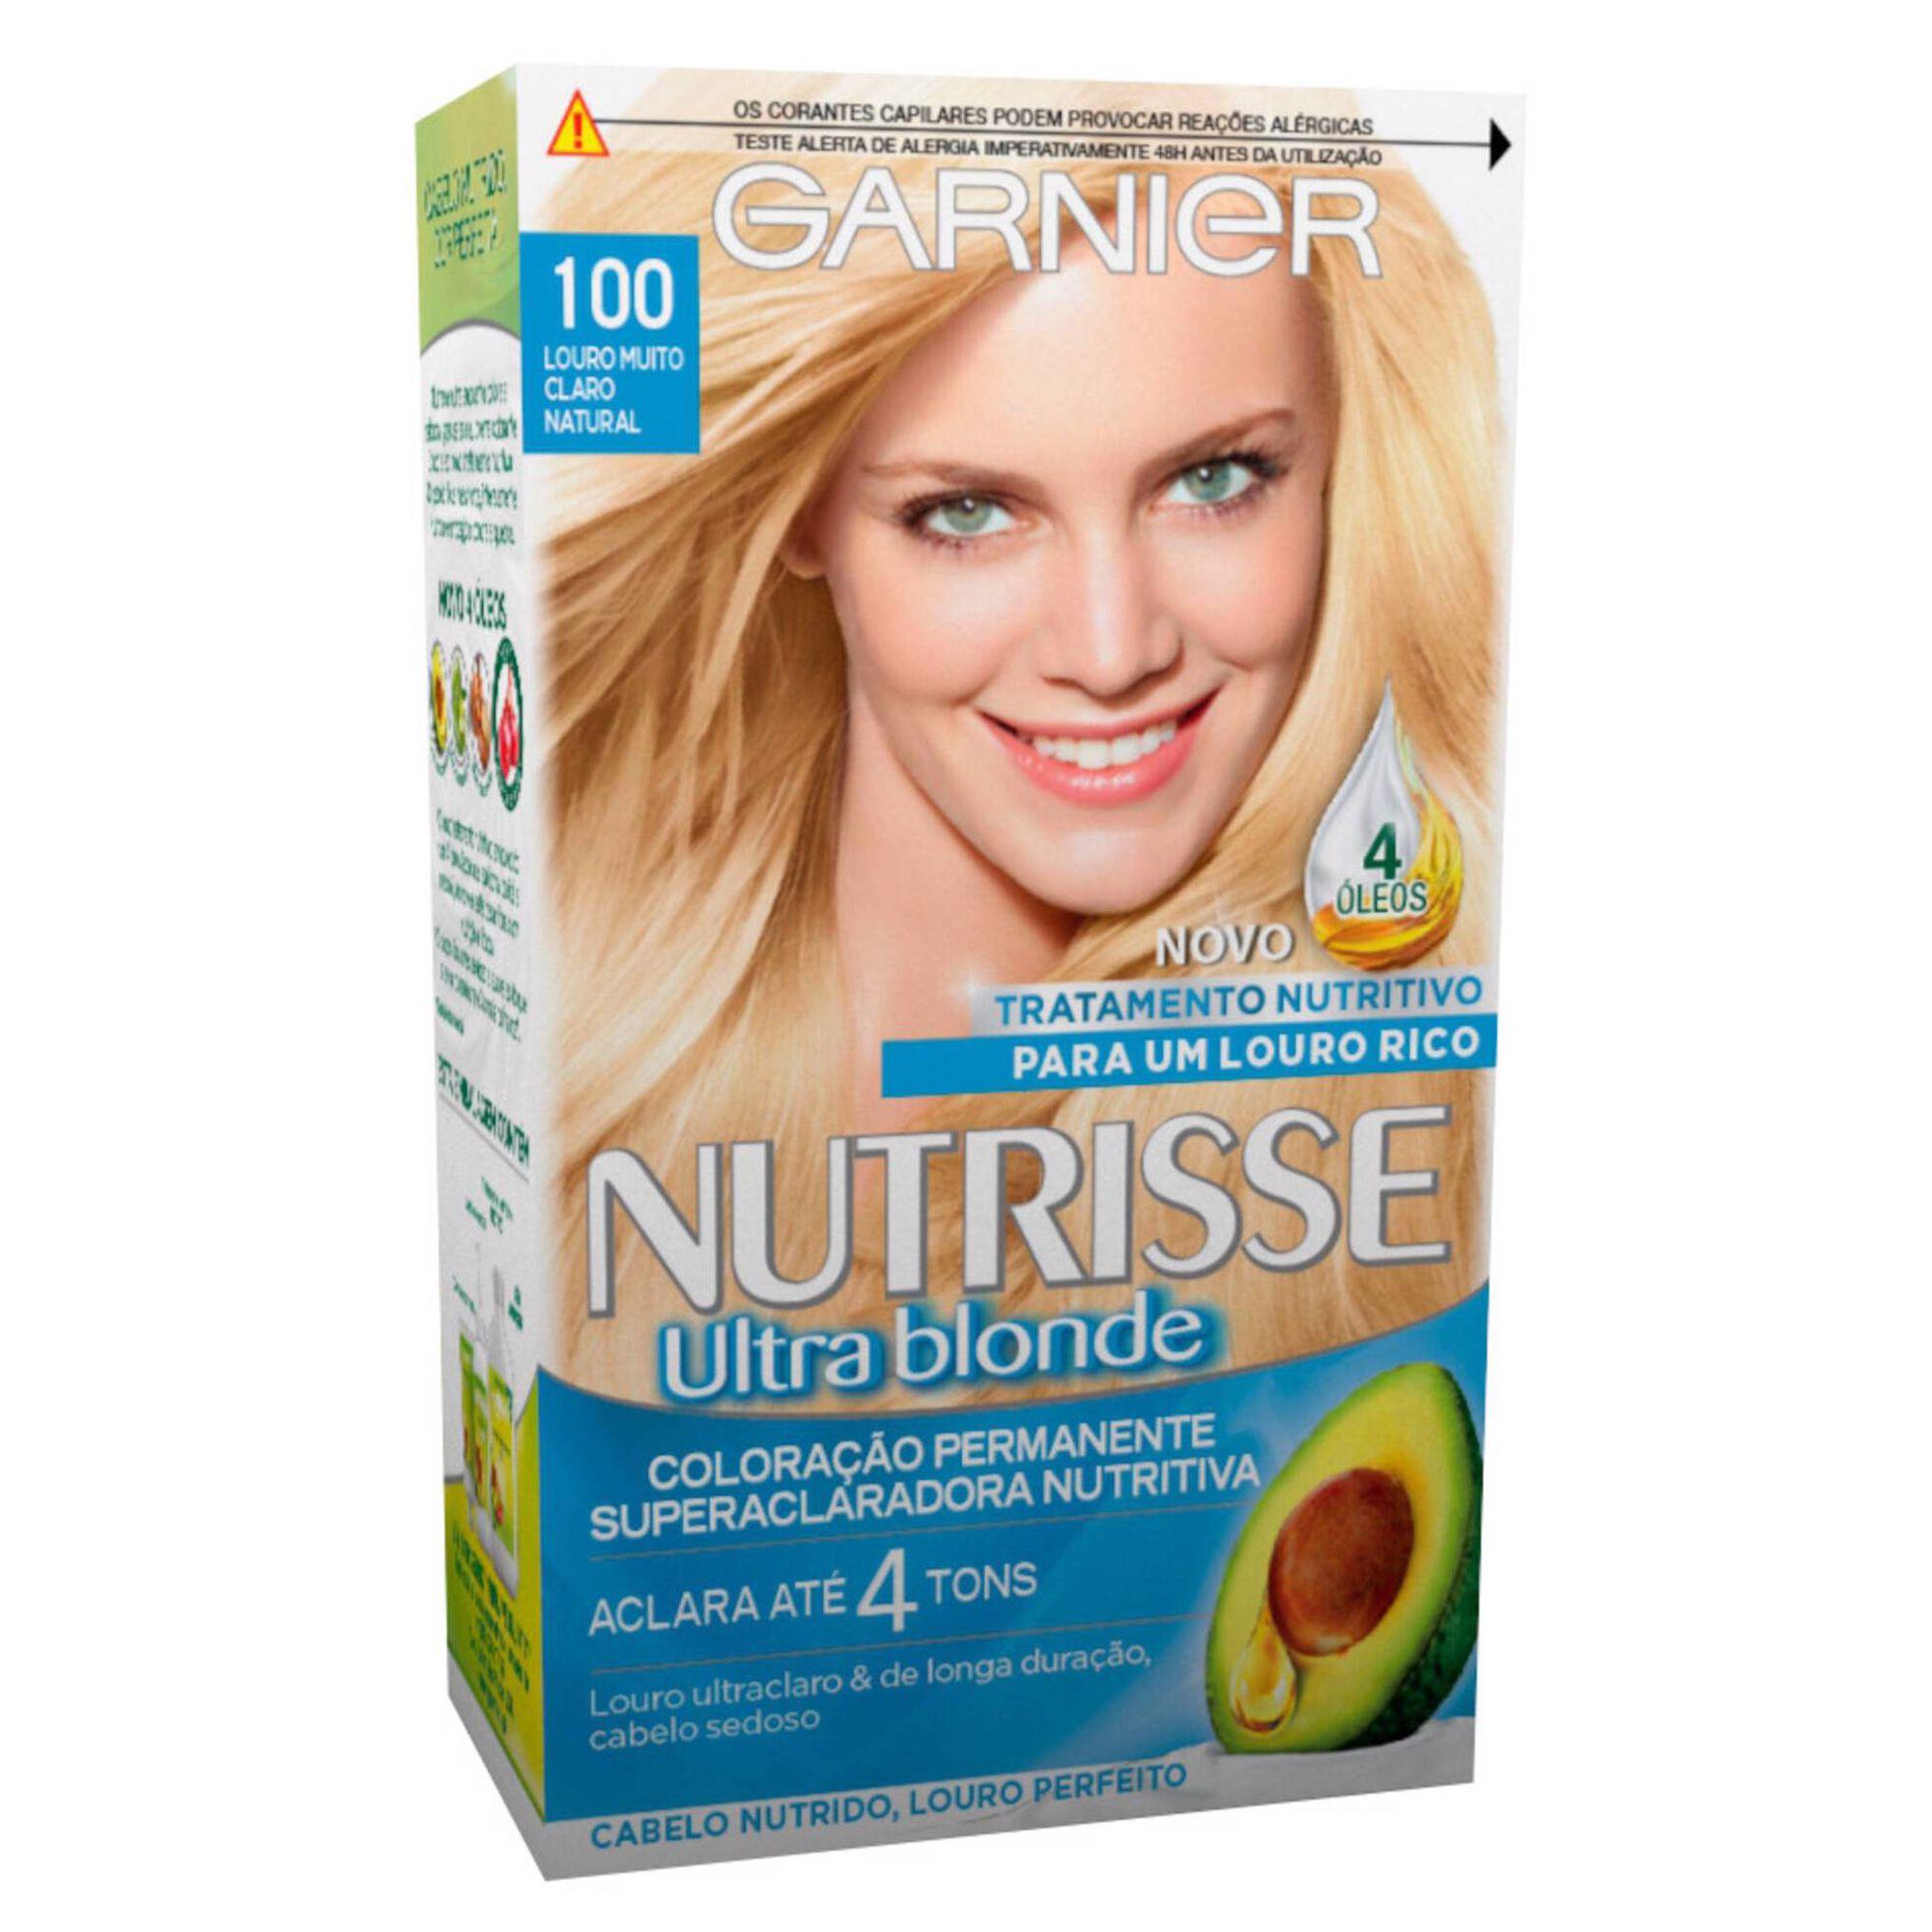 Coloração Permanente Nutrisse Ultra Blonde Louro Muito Claro Natural 100